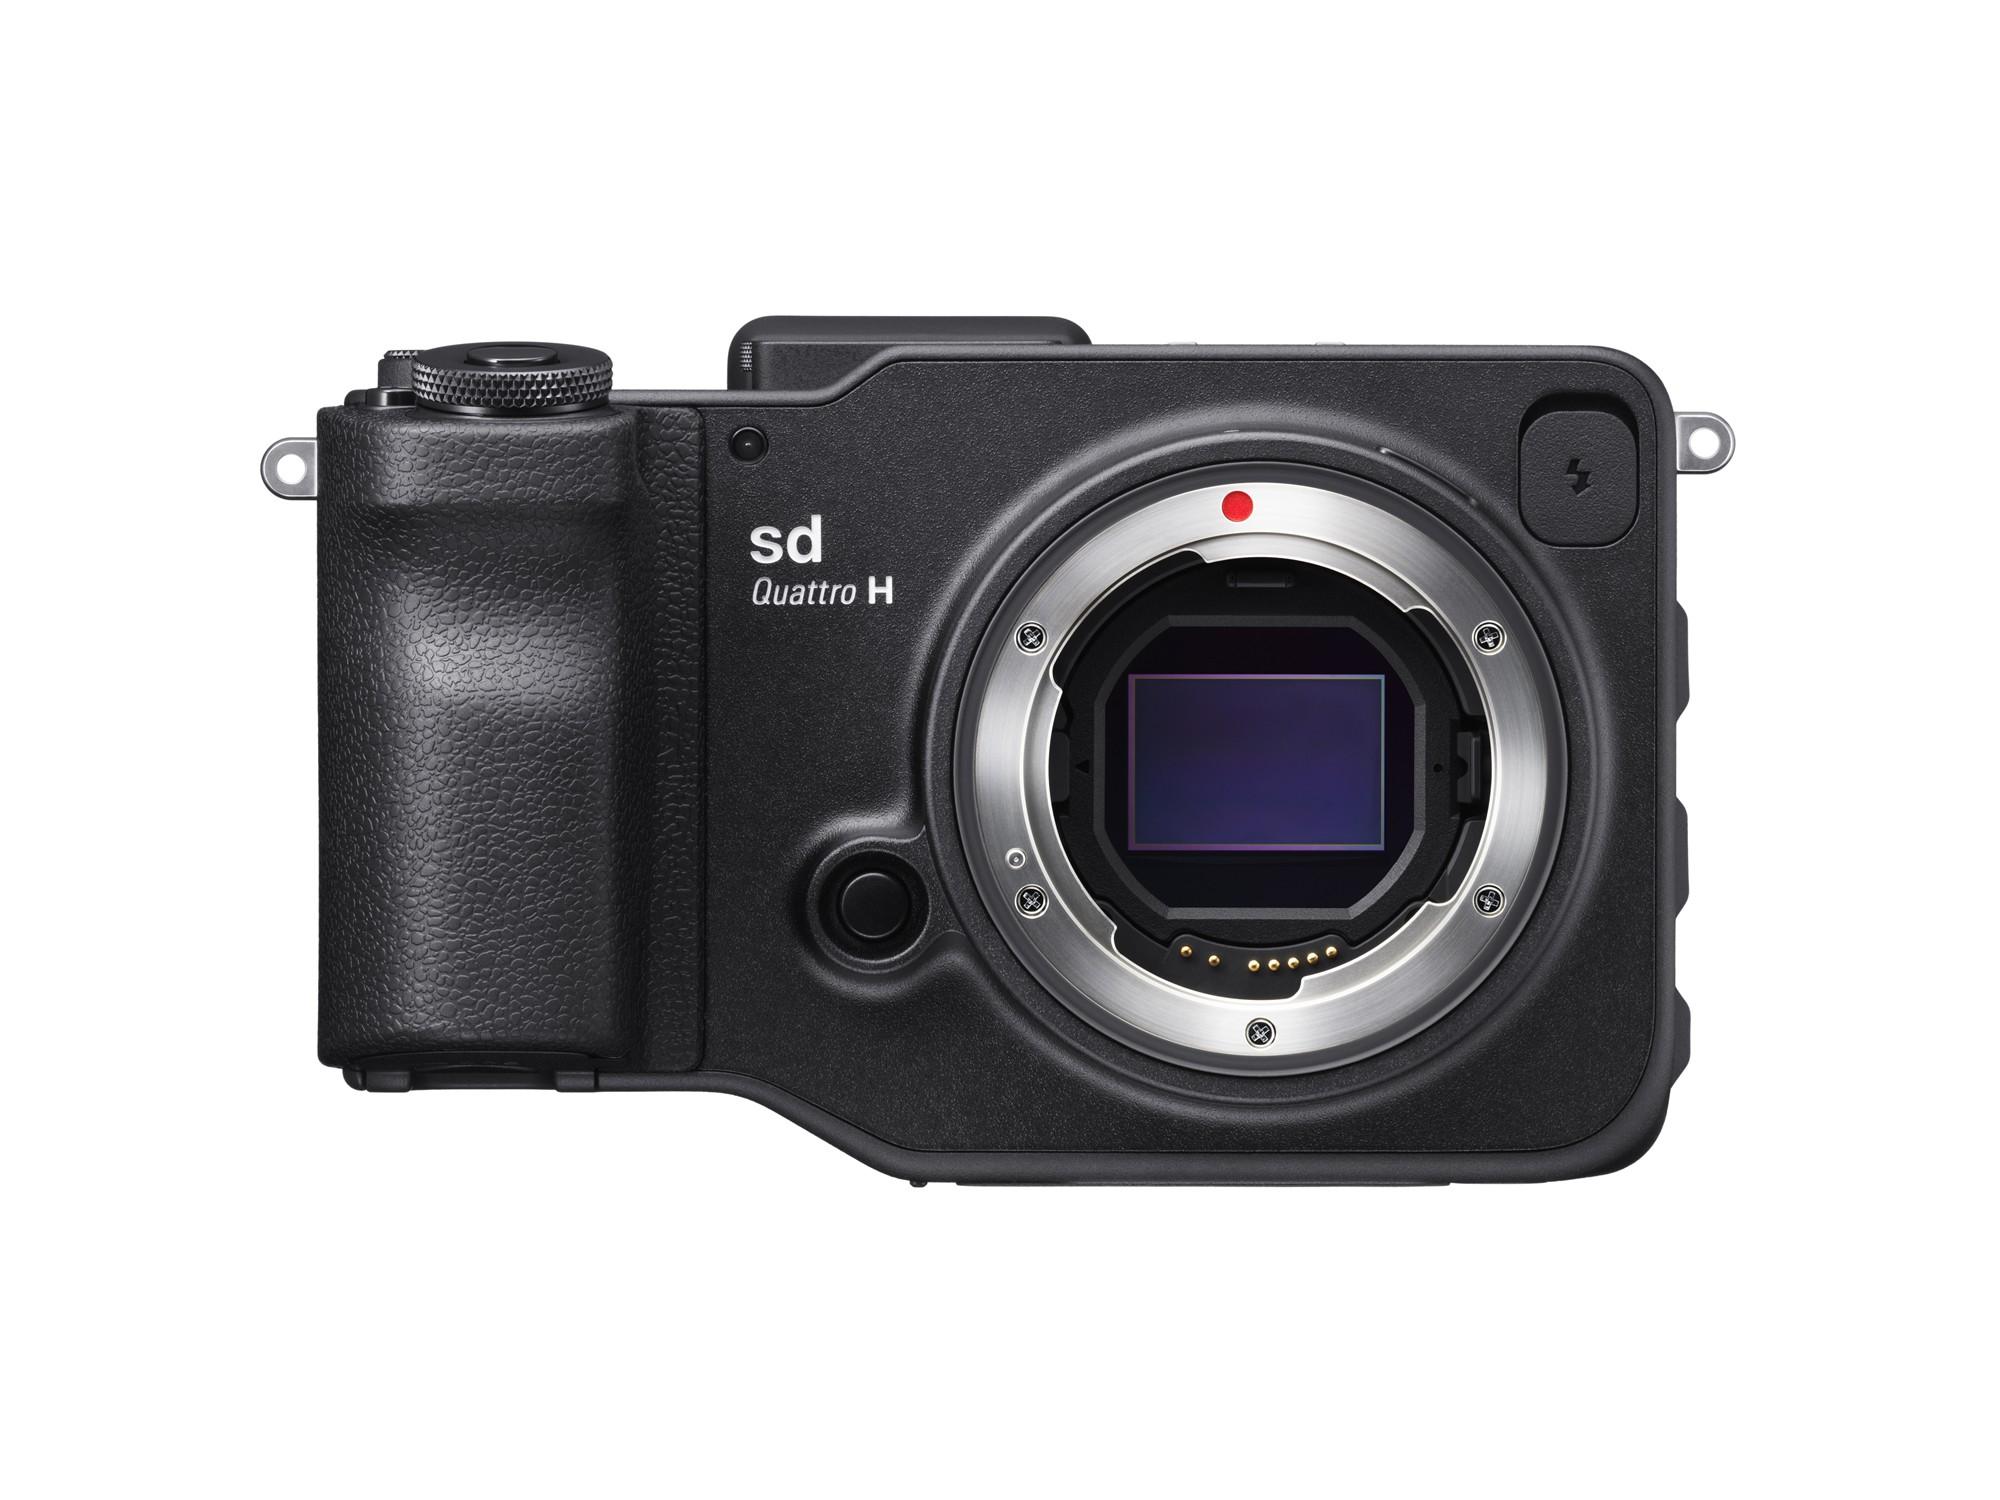 sd-quattro-h-camera-c41900-685.jpg